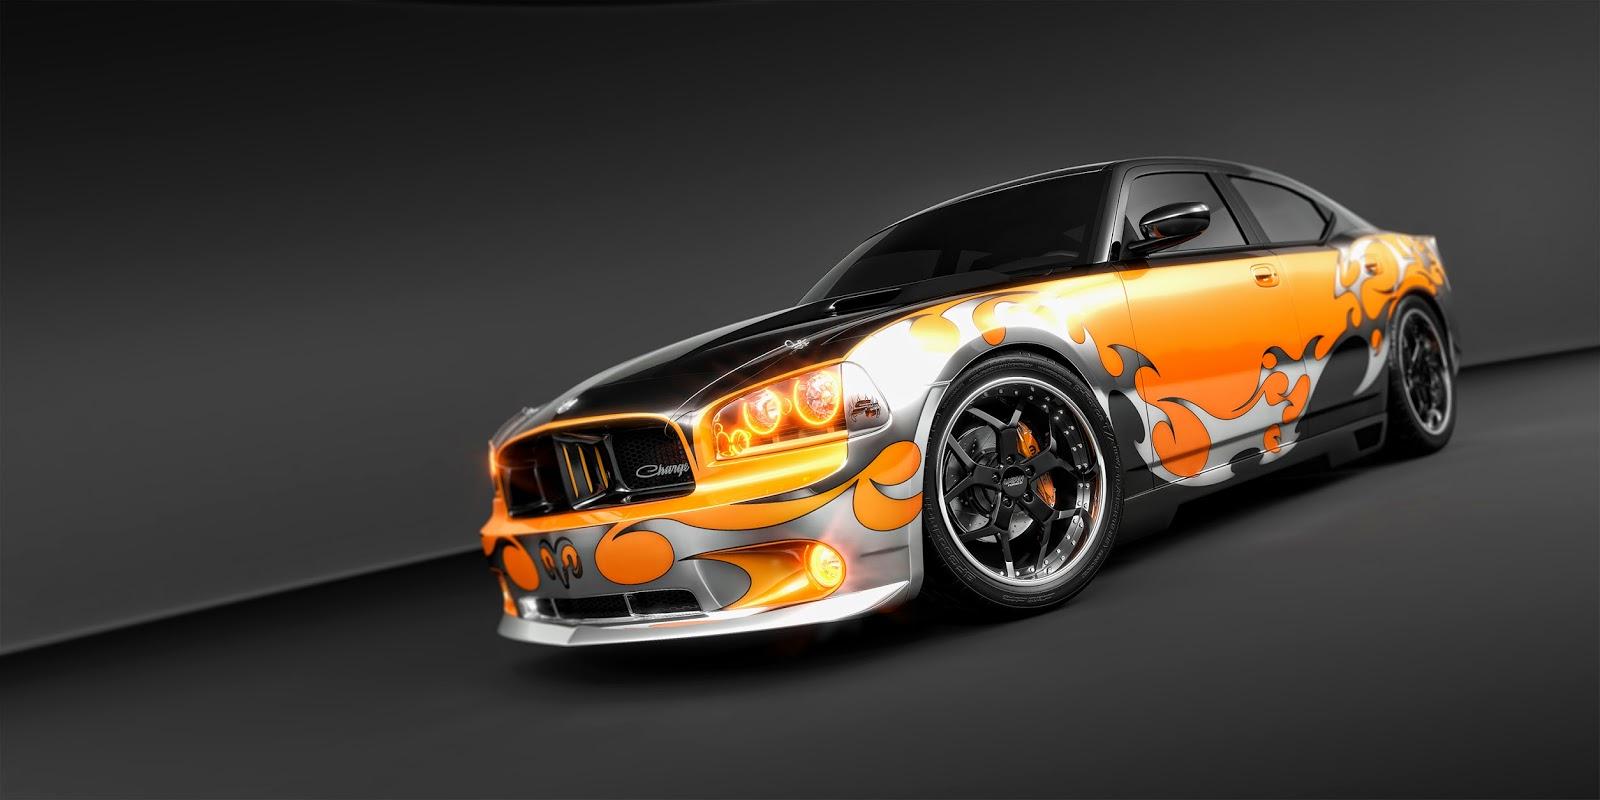 Auto car modifications auto car sticker auto car decals auto car design idea